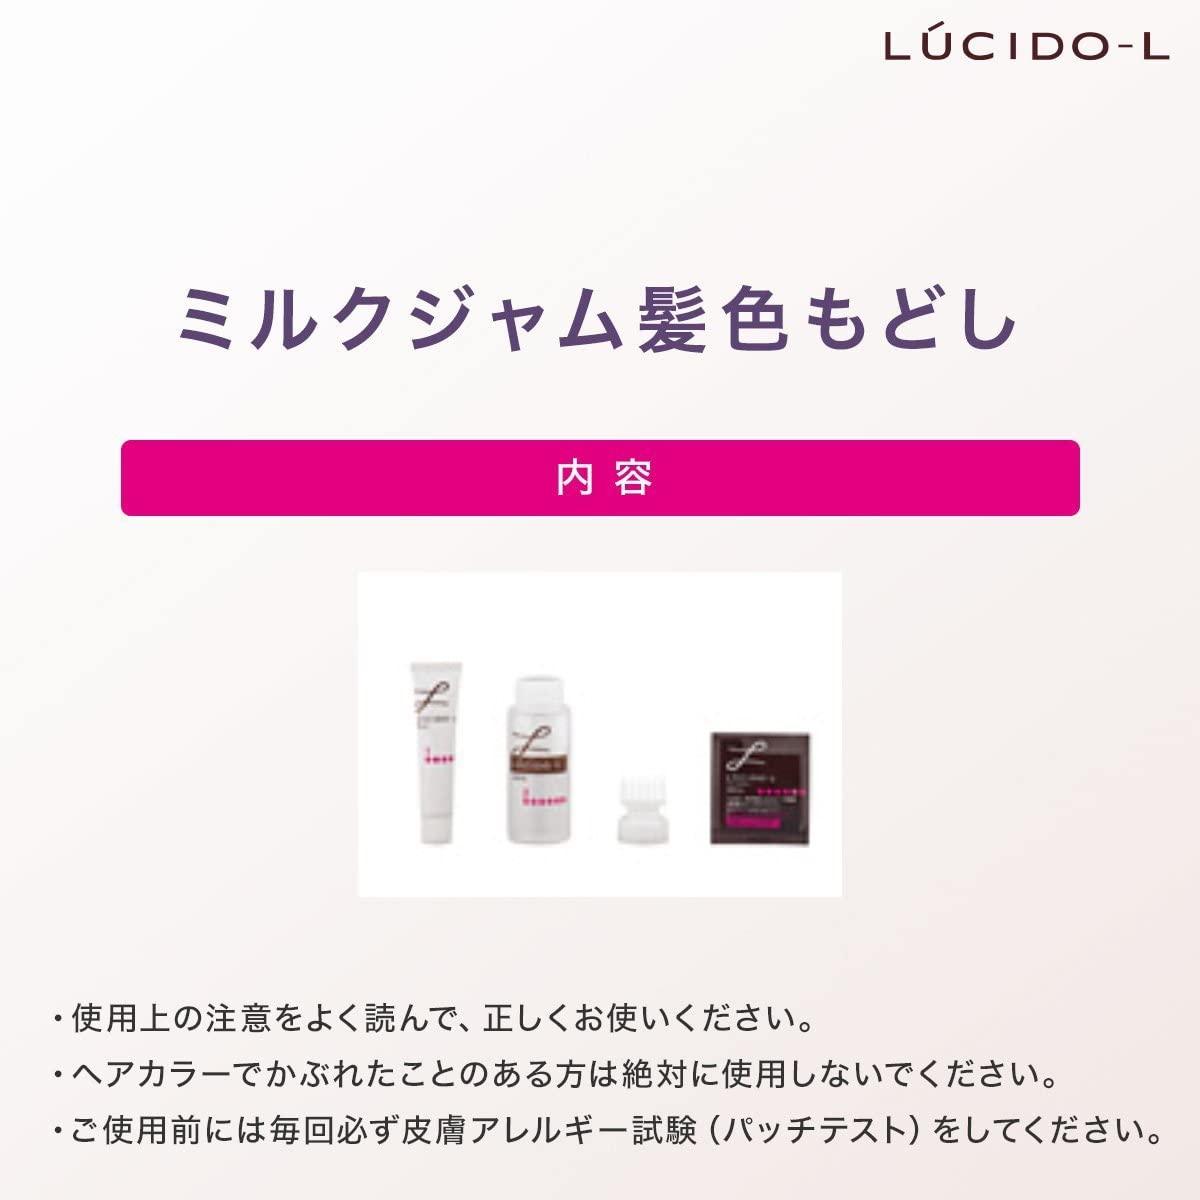 LUCIDO-L(ルシードエル)ミルクジャム髪色もどしの商品画像2